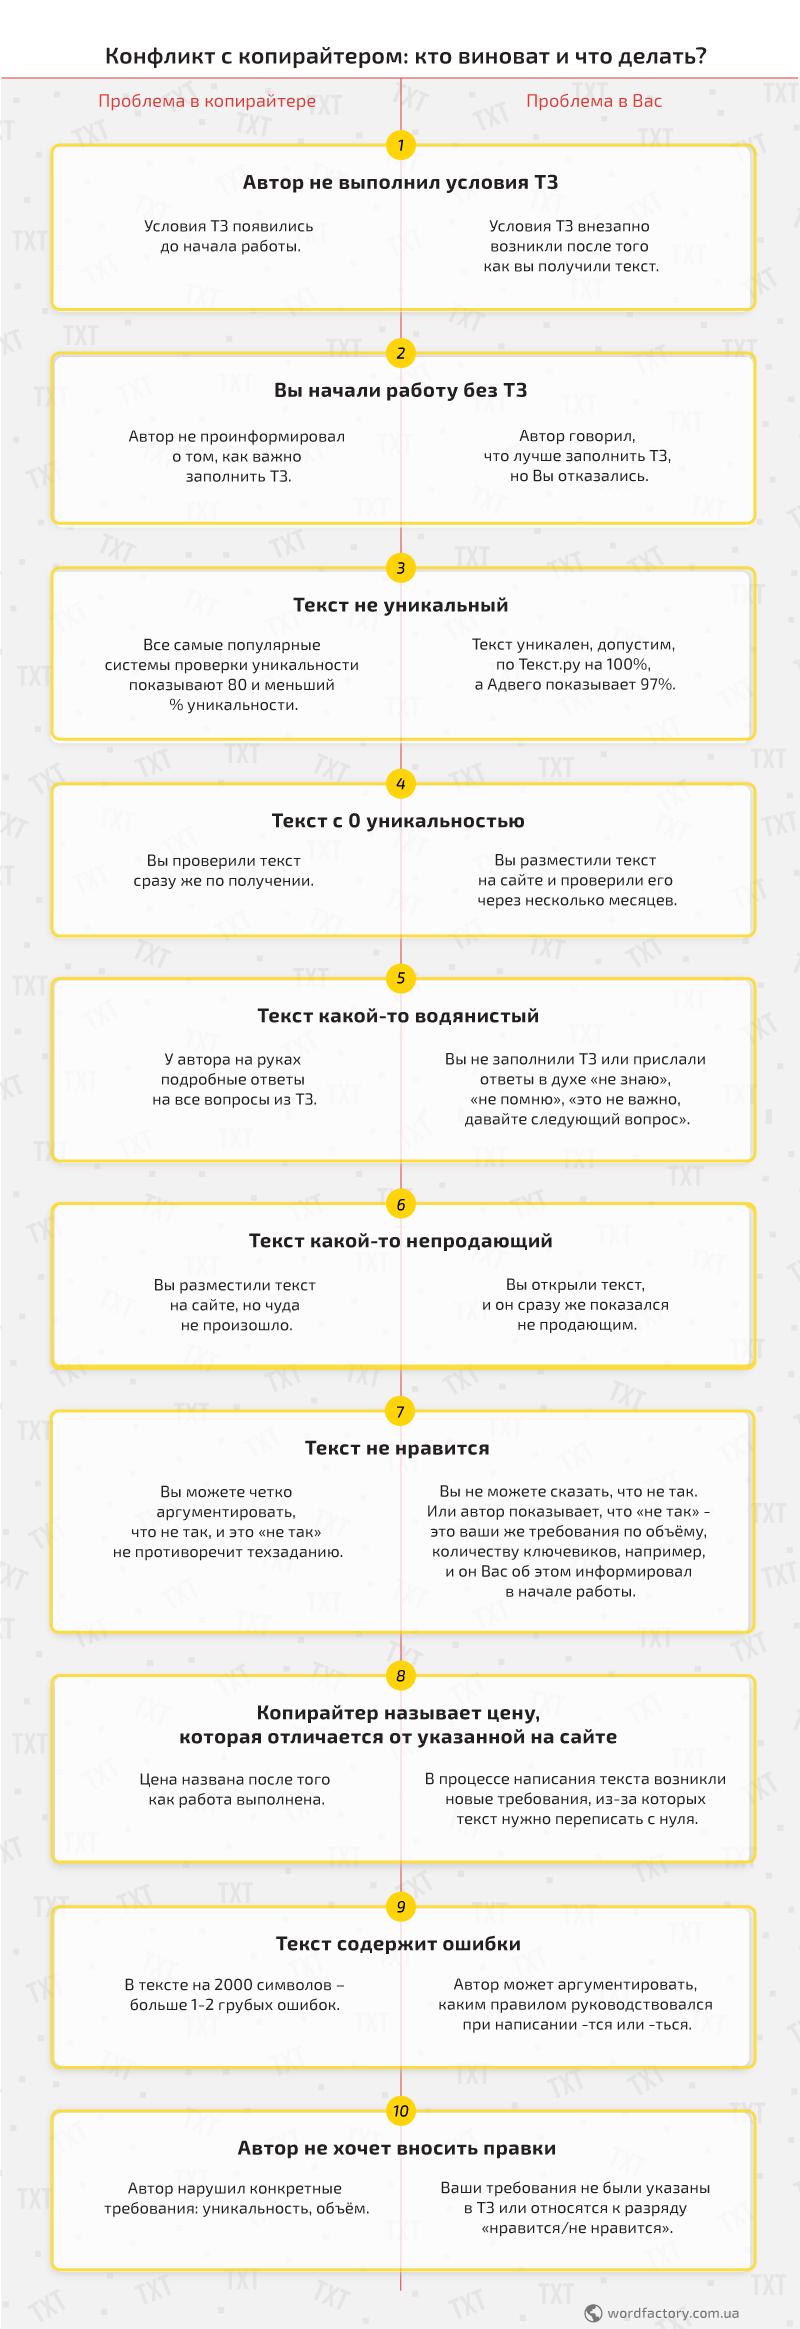 Инфографика: Конфликт с копирайтером